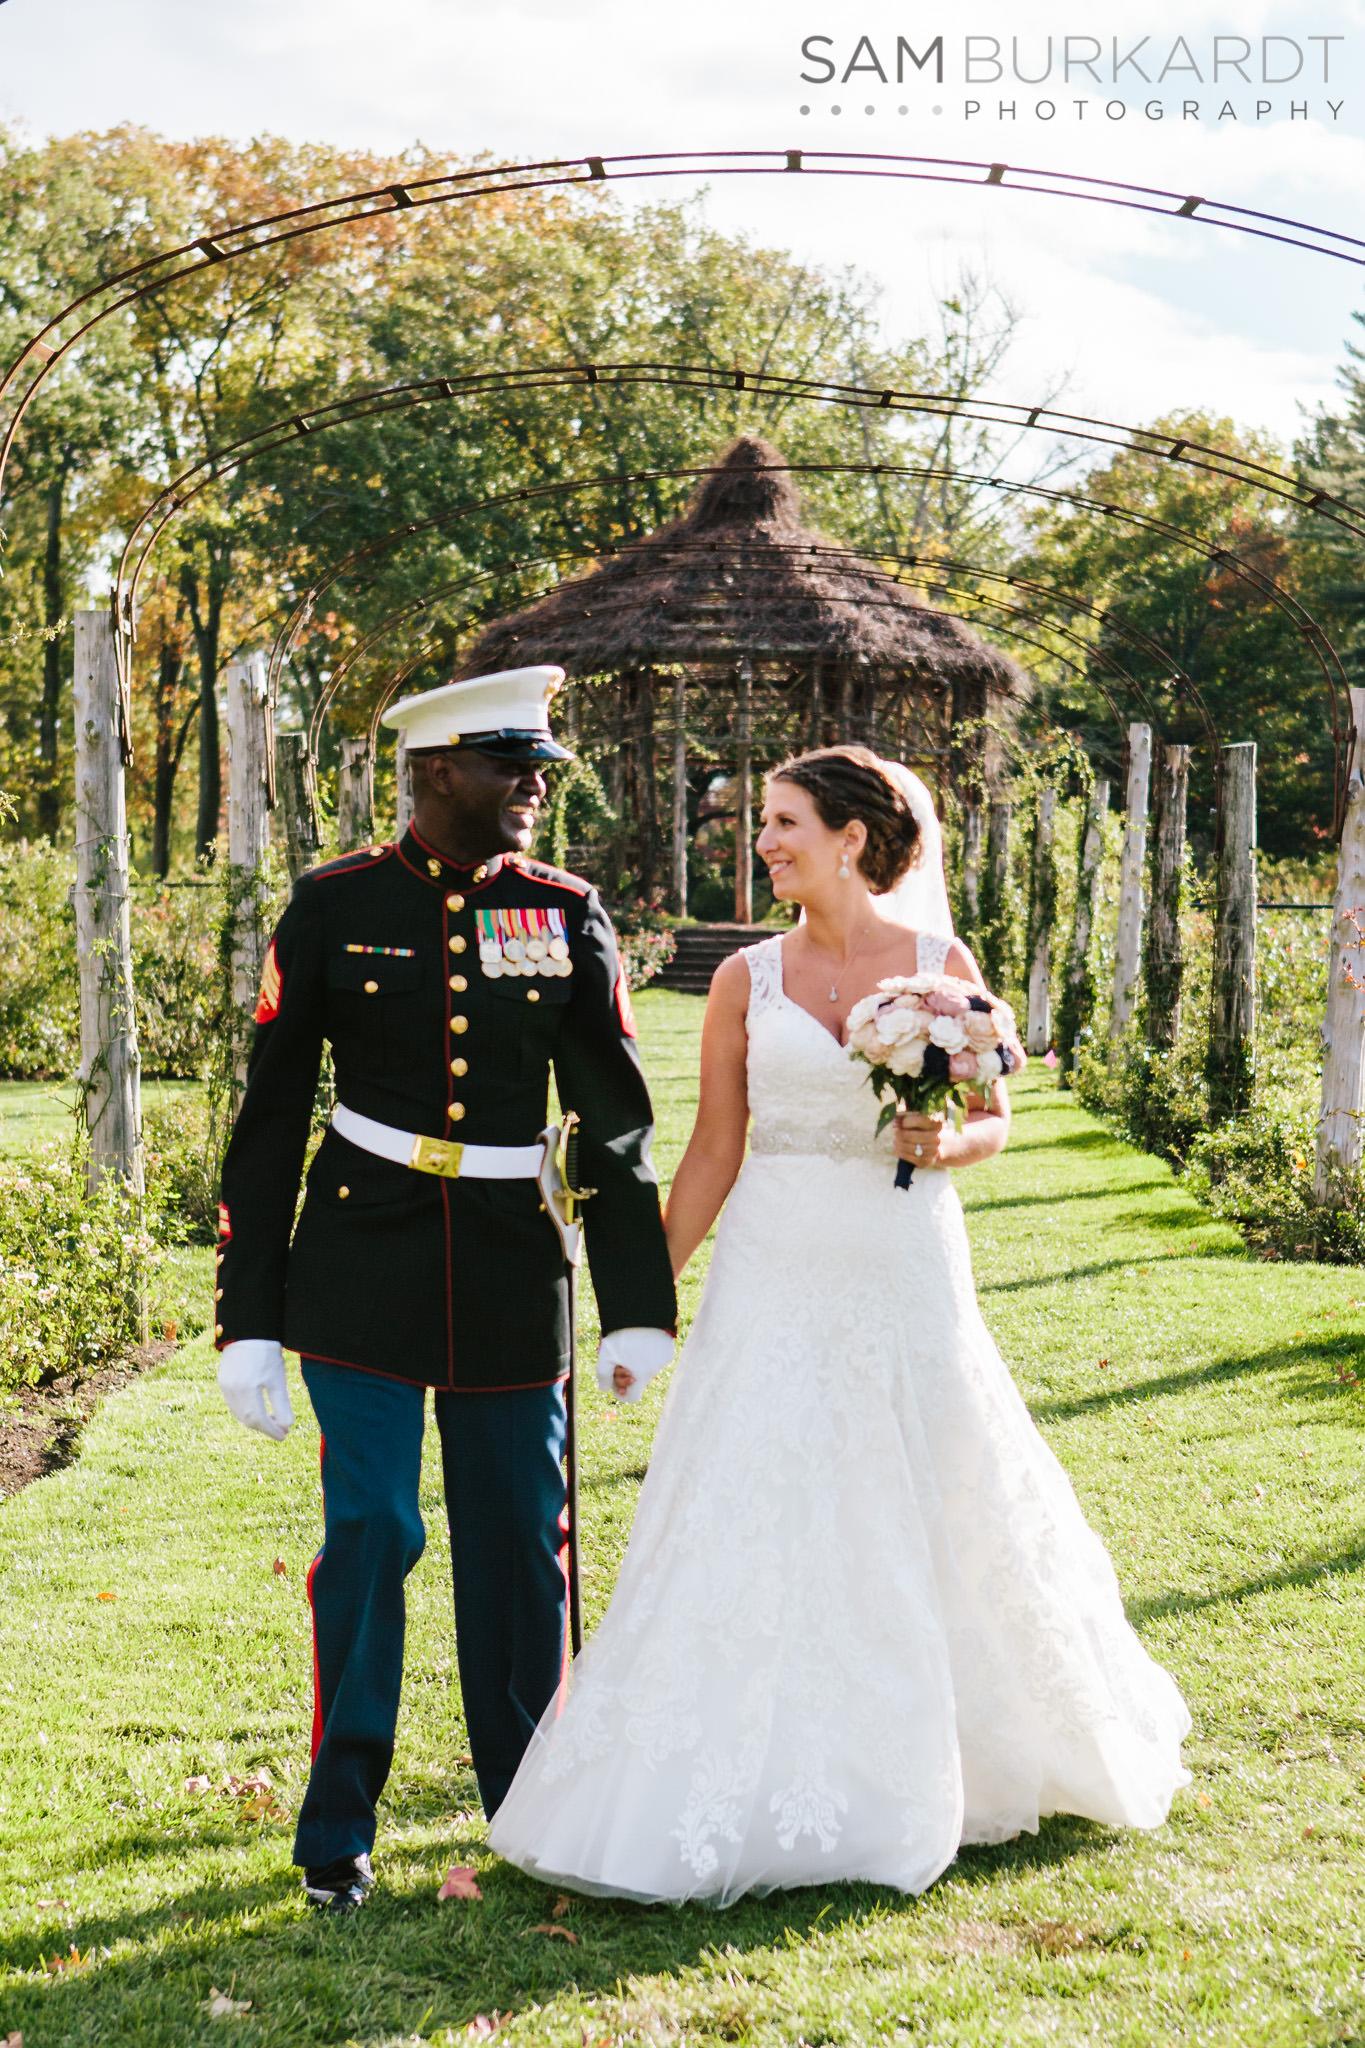 samburkardt_pond_house_hartford_wedding_fall_0031.jpg